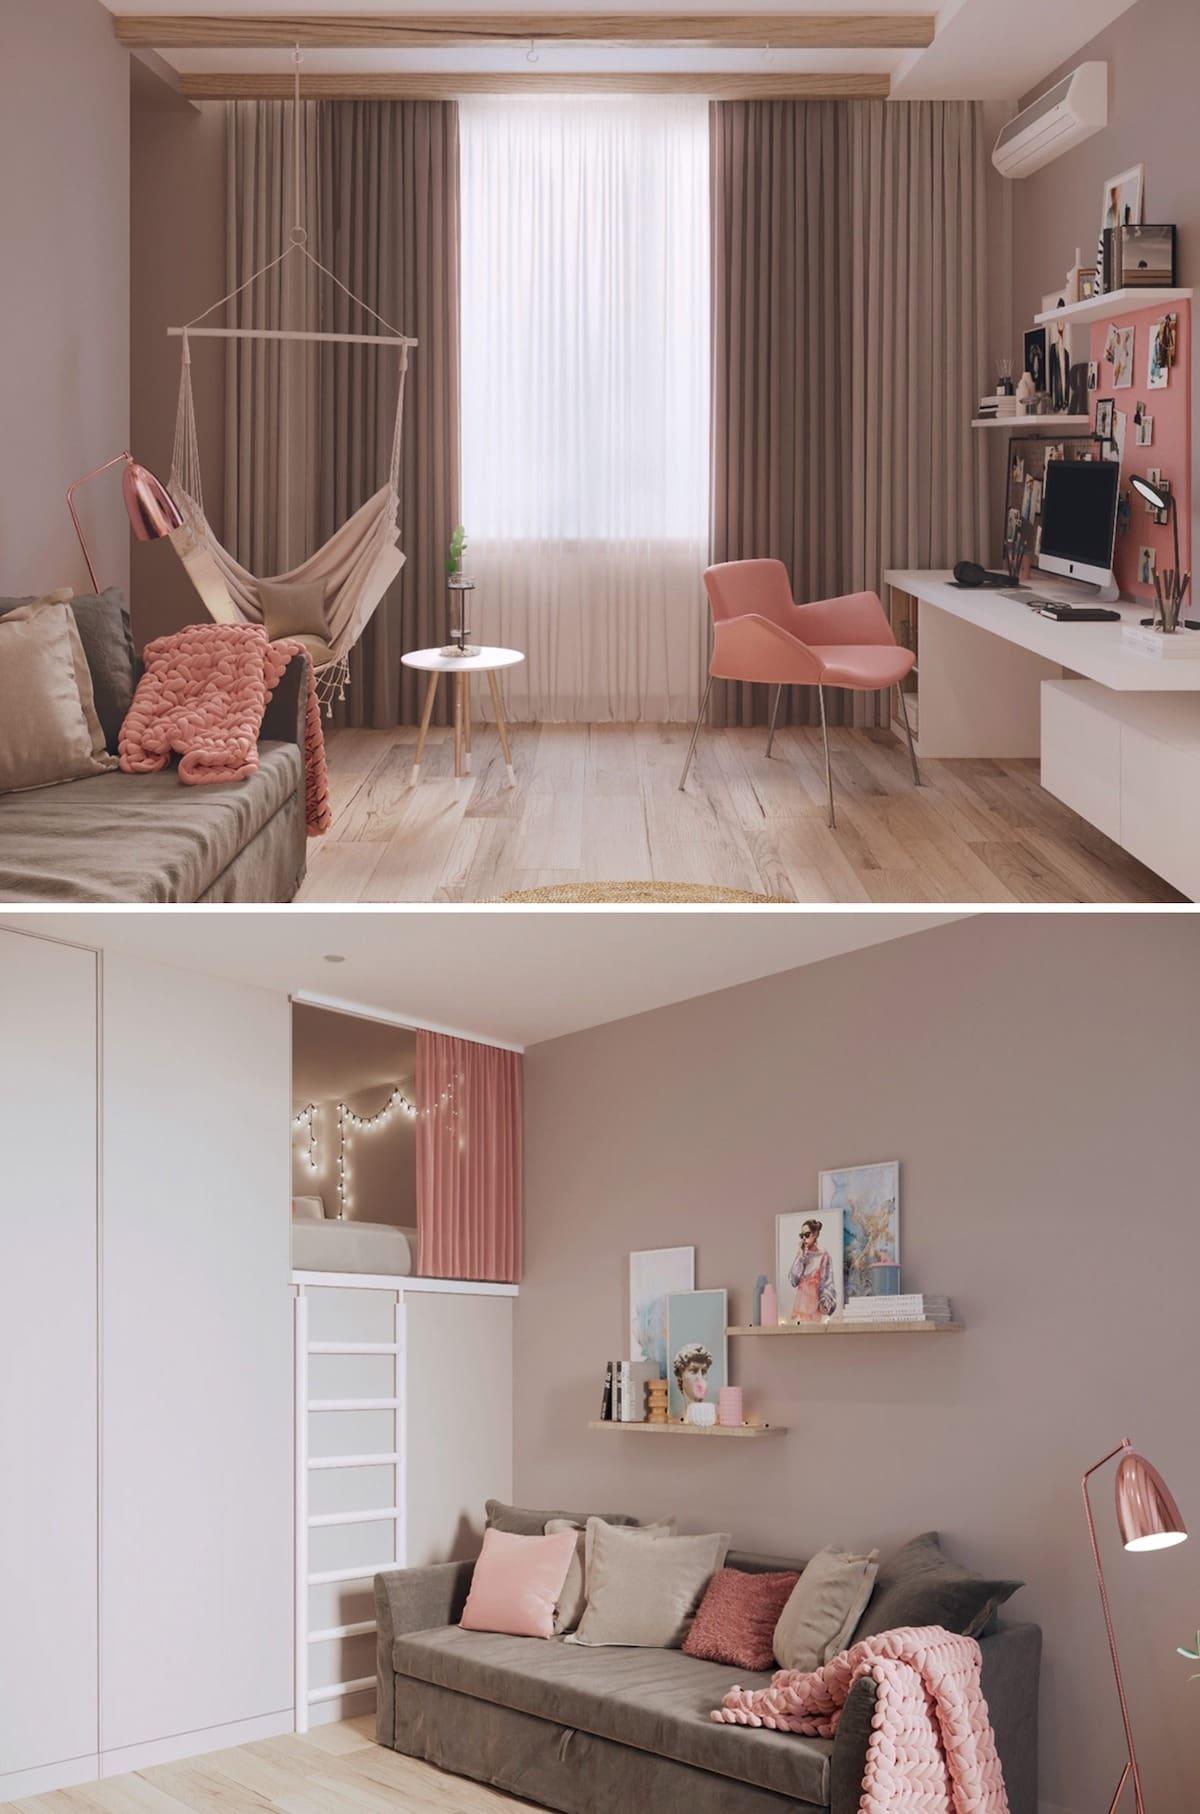 Розовый и бежевый цвет полностью ориентирован на создание уютной и расслабляющей атмосферы